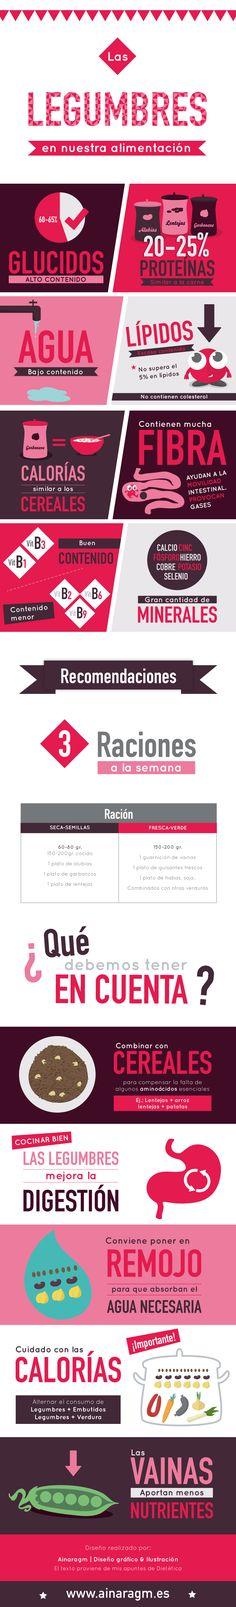 Infografía sobre las propiedades de las legumbres en nuestra alimentación #dieta #dietetica #alimentacion #equilibrio #salud #diseno #ilustracion #infografia